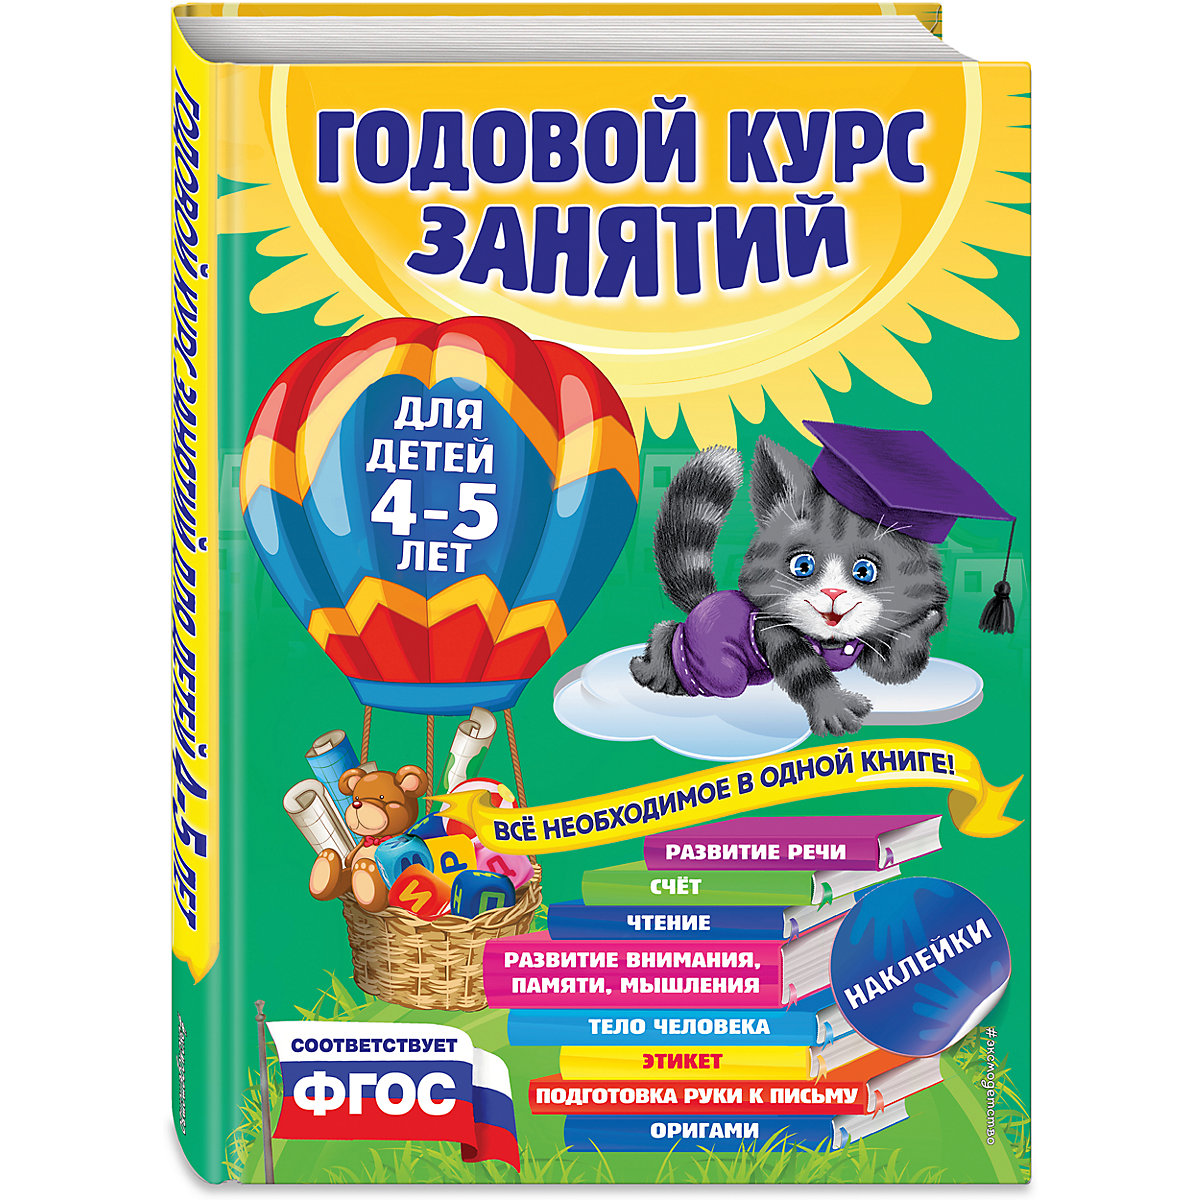 Livres EKSMO 4355898 enfants éducation encyclopédie alphabet dictionnaire livre pour bébé MTpromo